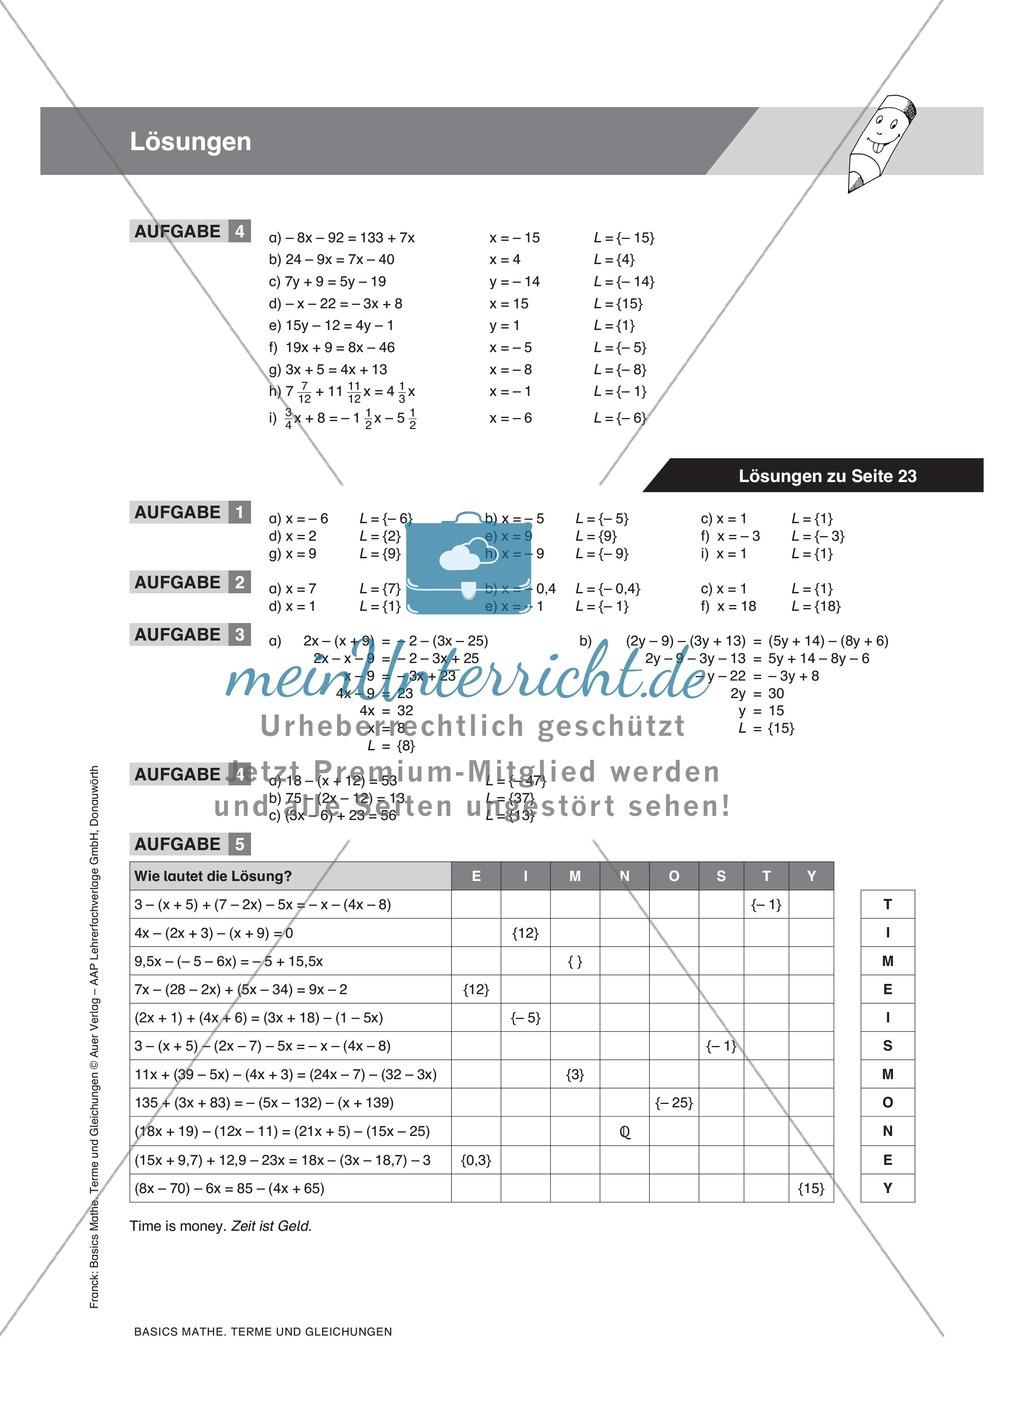 Regeln zum Auflösen von Klammern in Gleichungen, mit Beispielen und ...